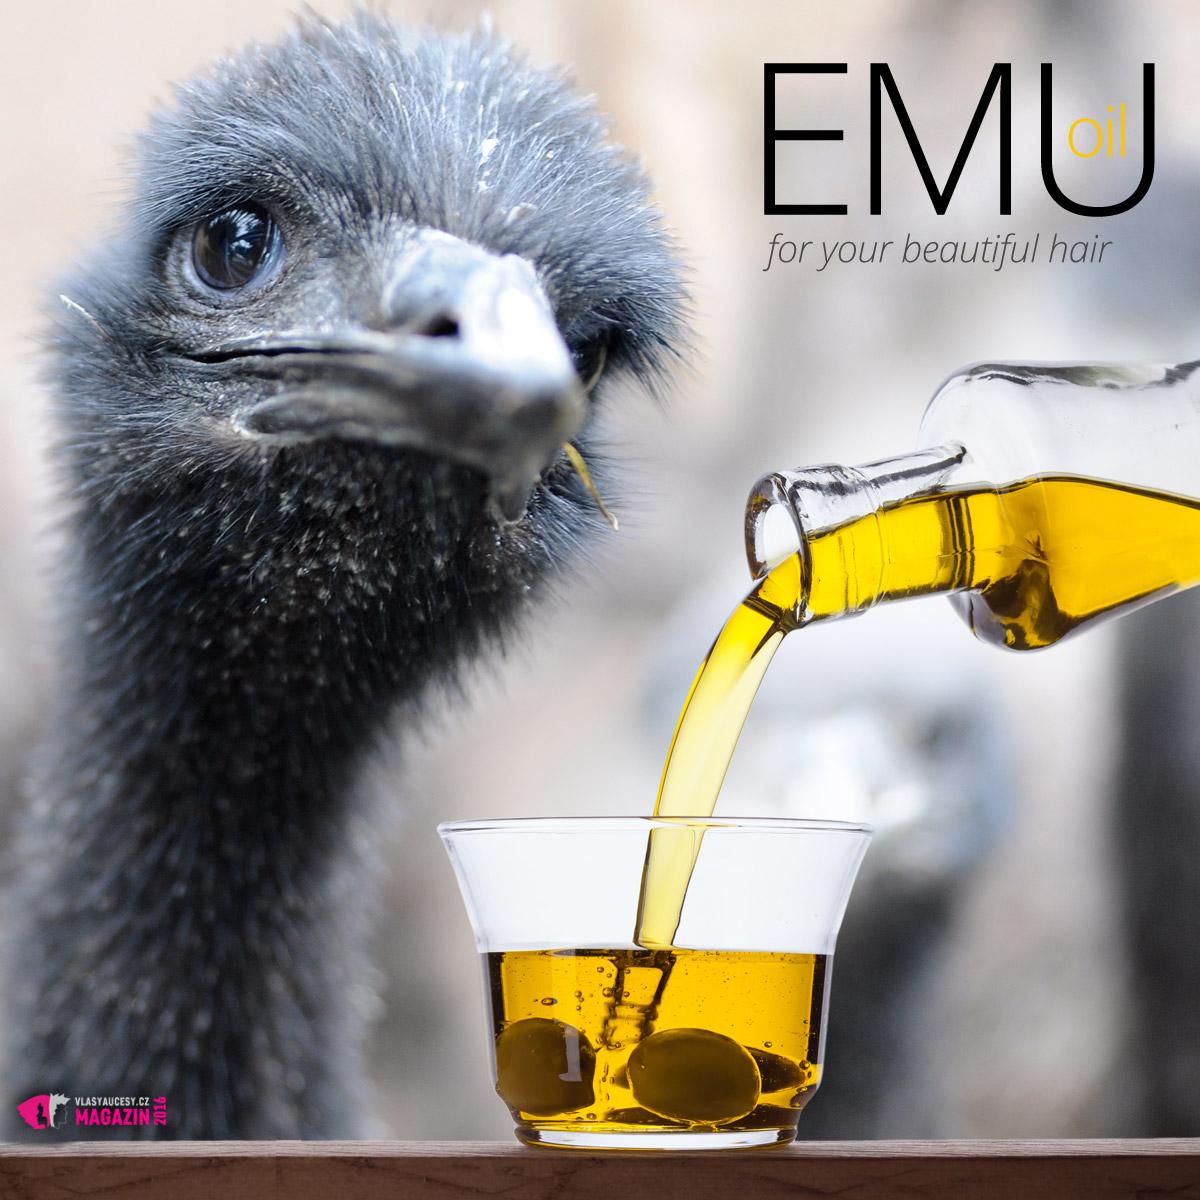 Olej Emu se získává rafinováním tuku z Emu australského. Olej je při rafinaci vystaven vysokým teplotám. Výsledkem je průsvitný, řídký a neutrální olej. Nemá žádnou specifickou vůni nebo chuť.